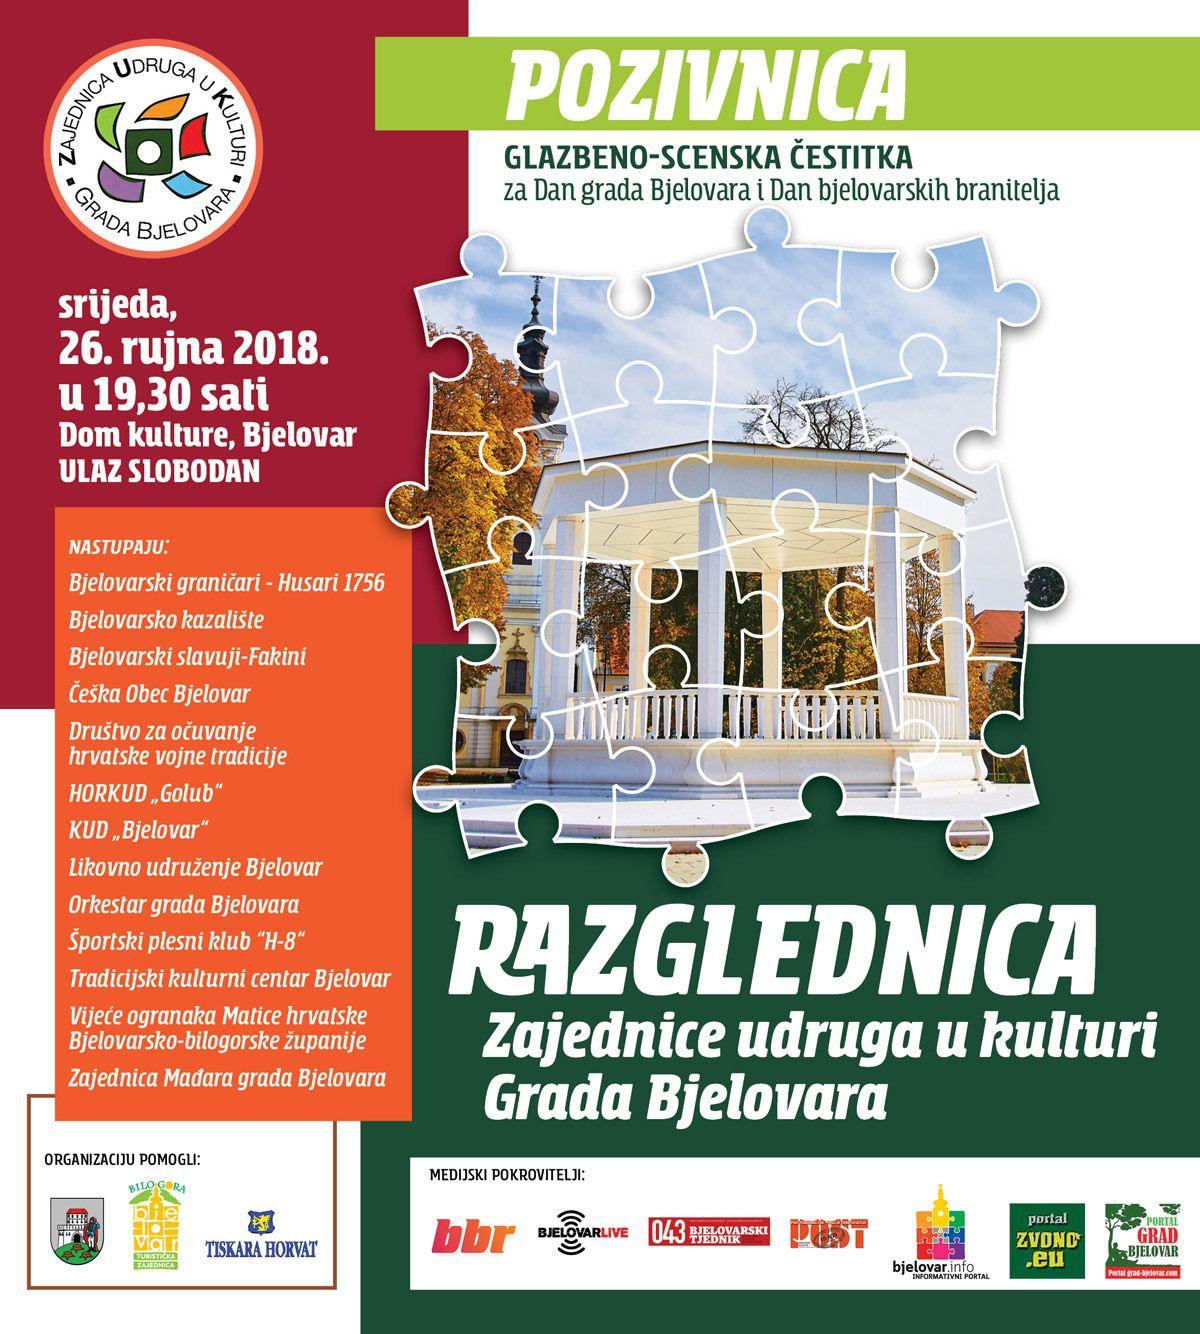 """Pred nama je kulturni program """"Razglednica Zajednice udruga u kulturi Grada Bjelovara"""""""